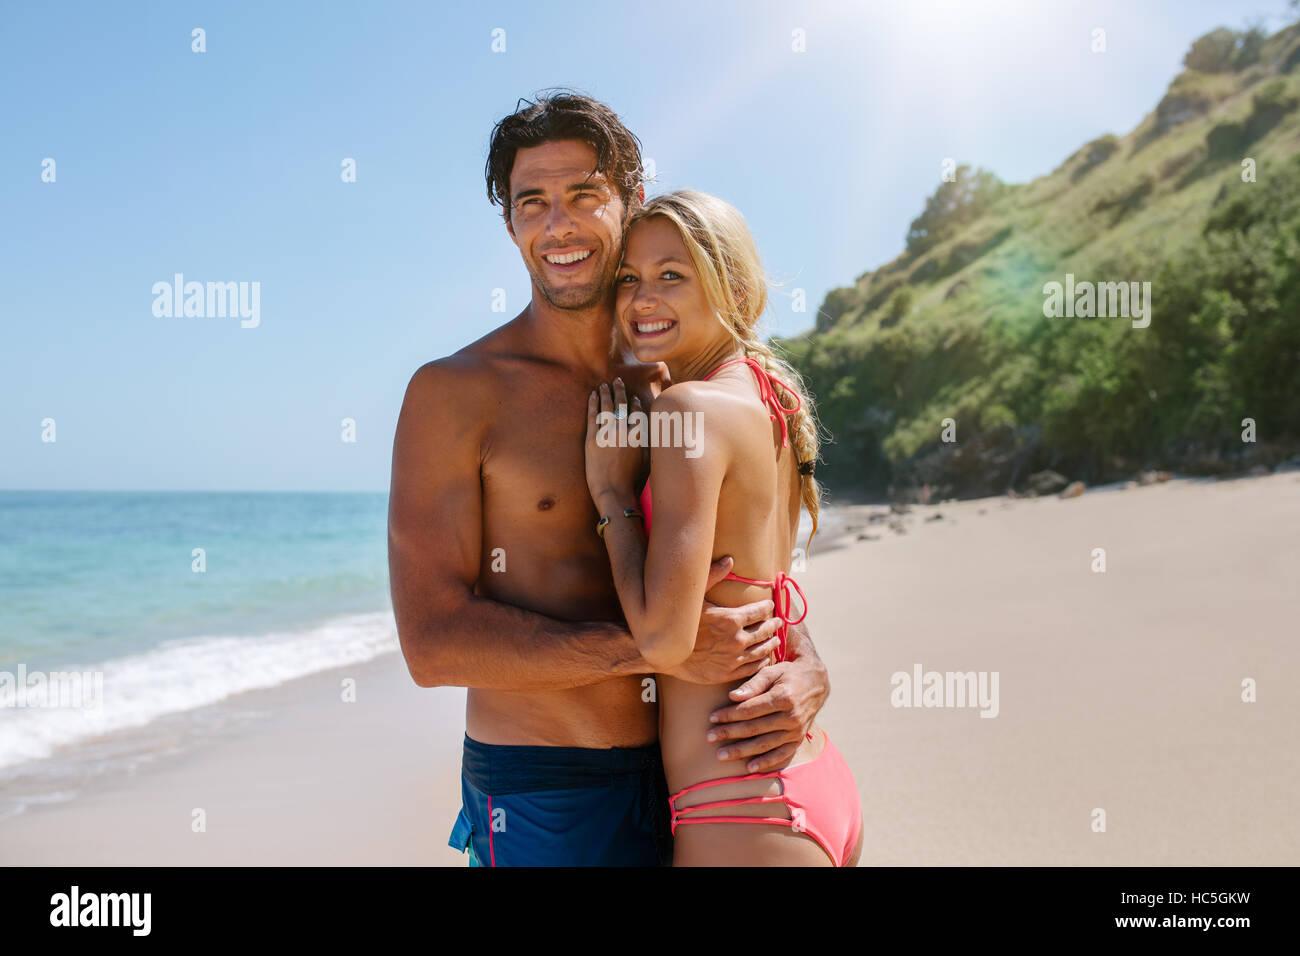 Couple aimant en maillot embrassant sur la plage. Jeune couple romantique sur la mer à la route et souriant. Banque D'Images